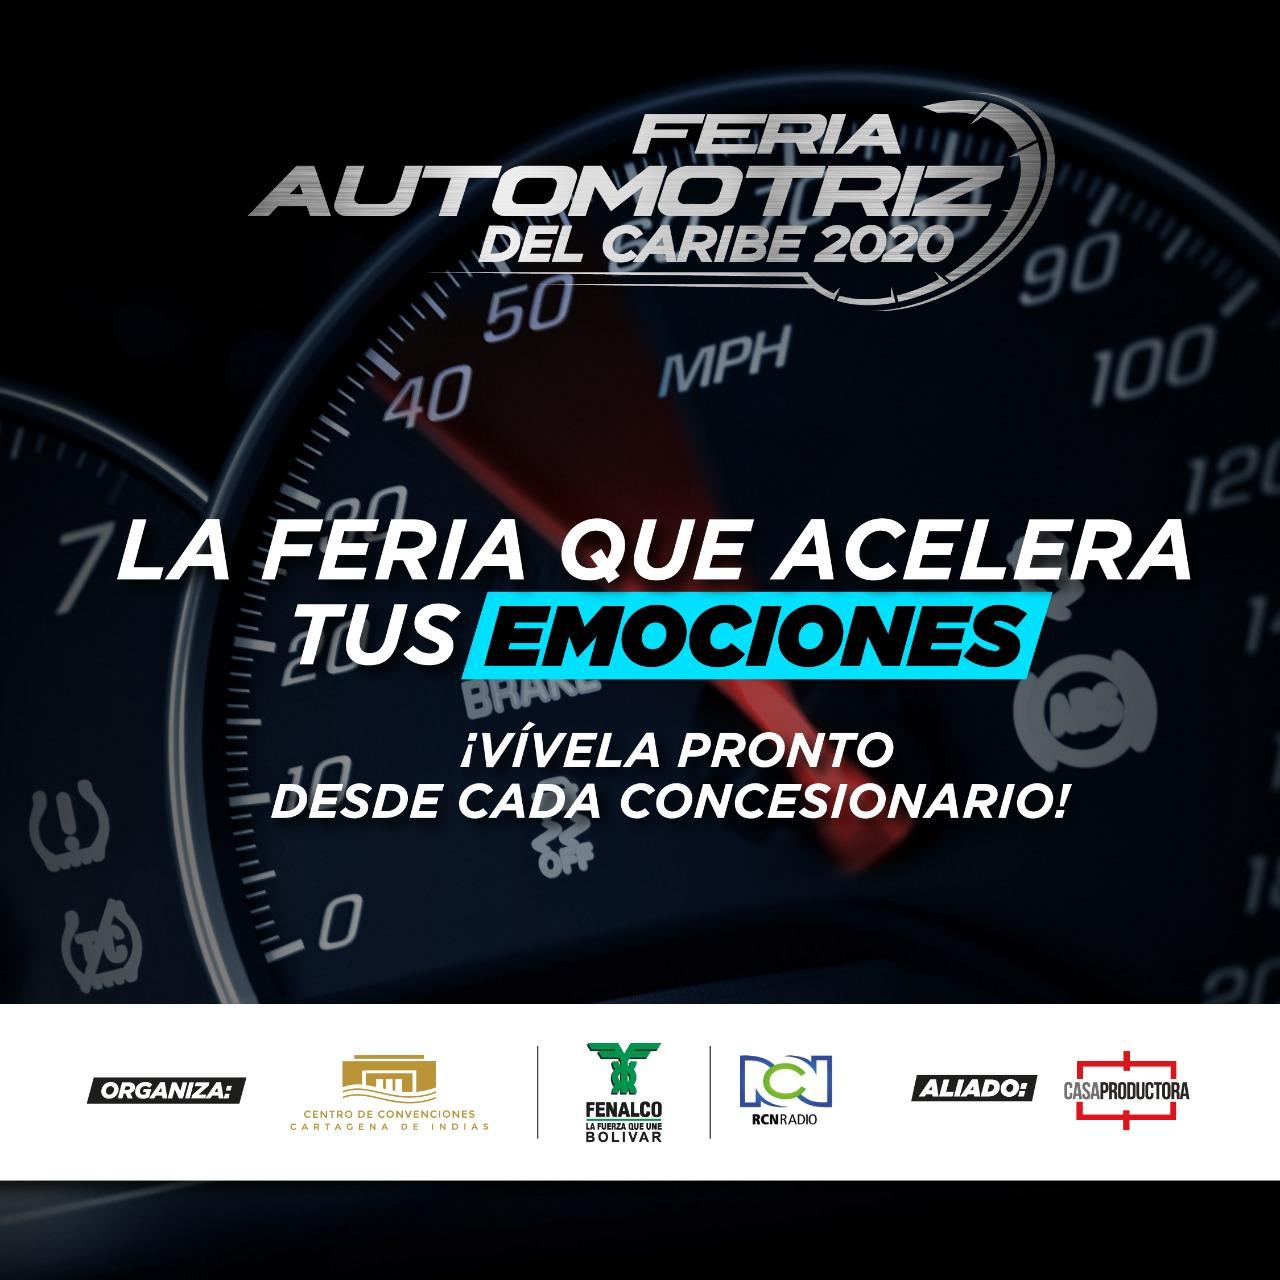 SE ENCIENDEN LOS MOTORES EN LA 5TA VERSIÓN DE LA FERIA AUTOMOTRIZ DEL CARIBE 2020